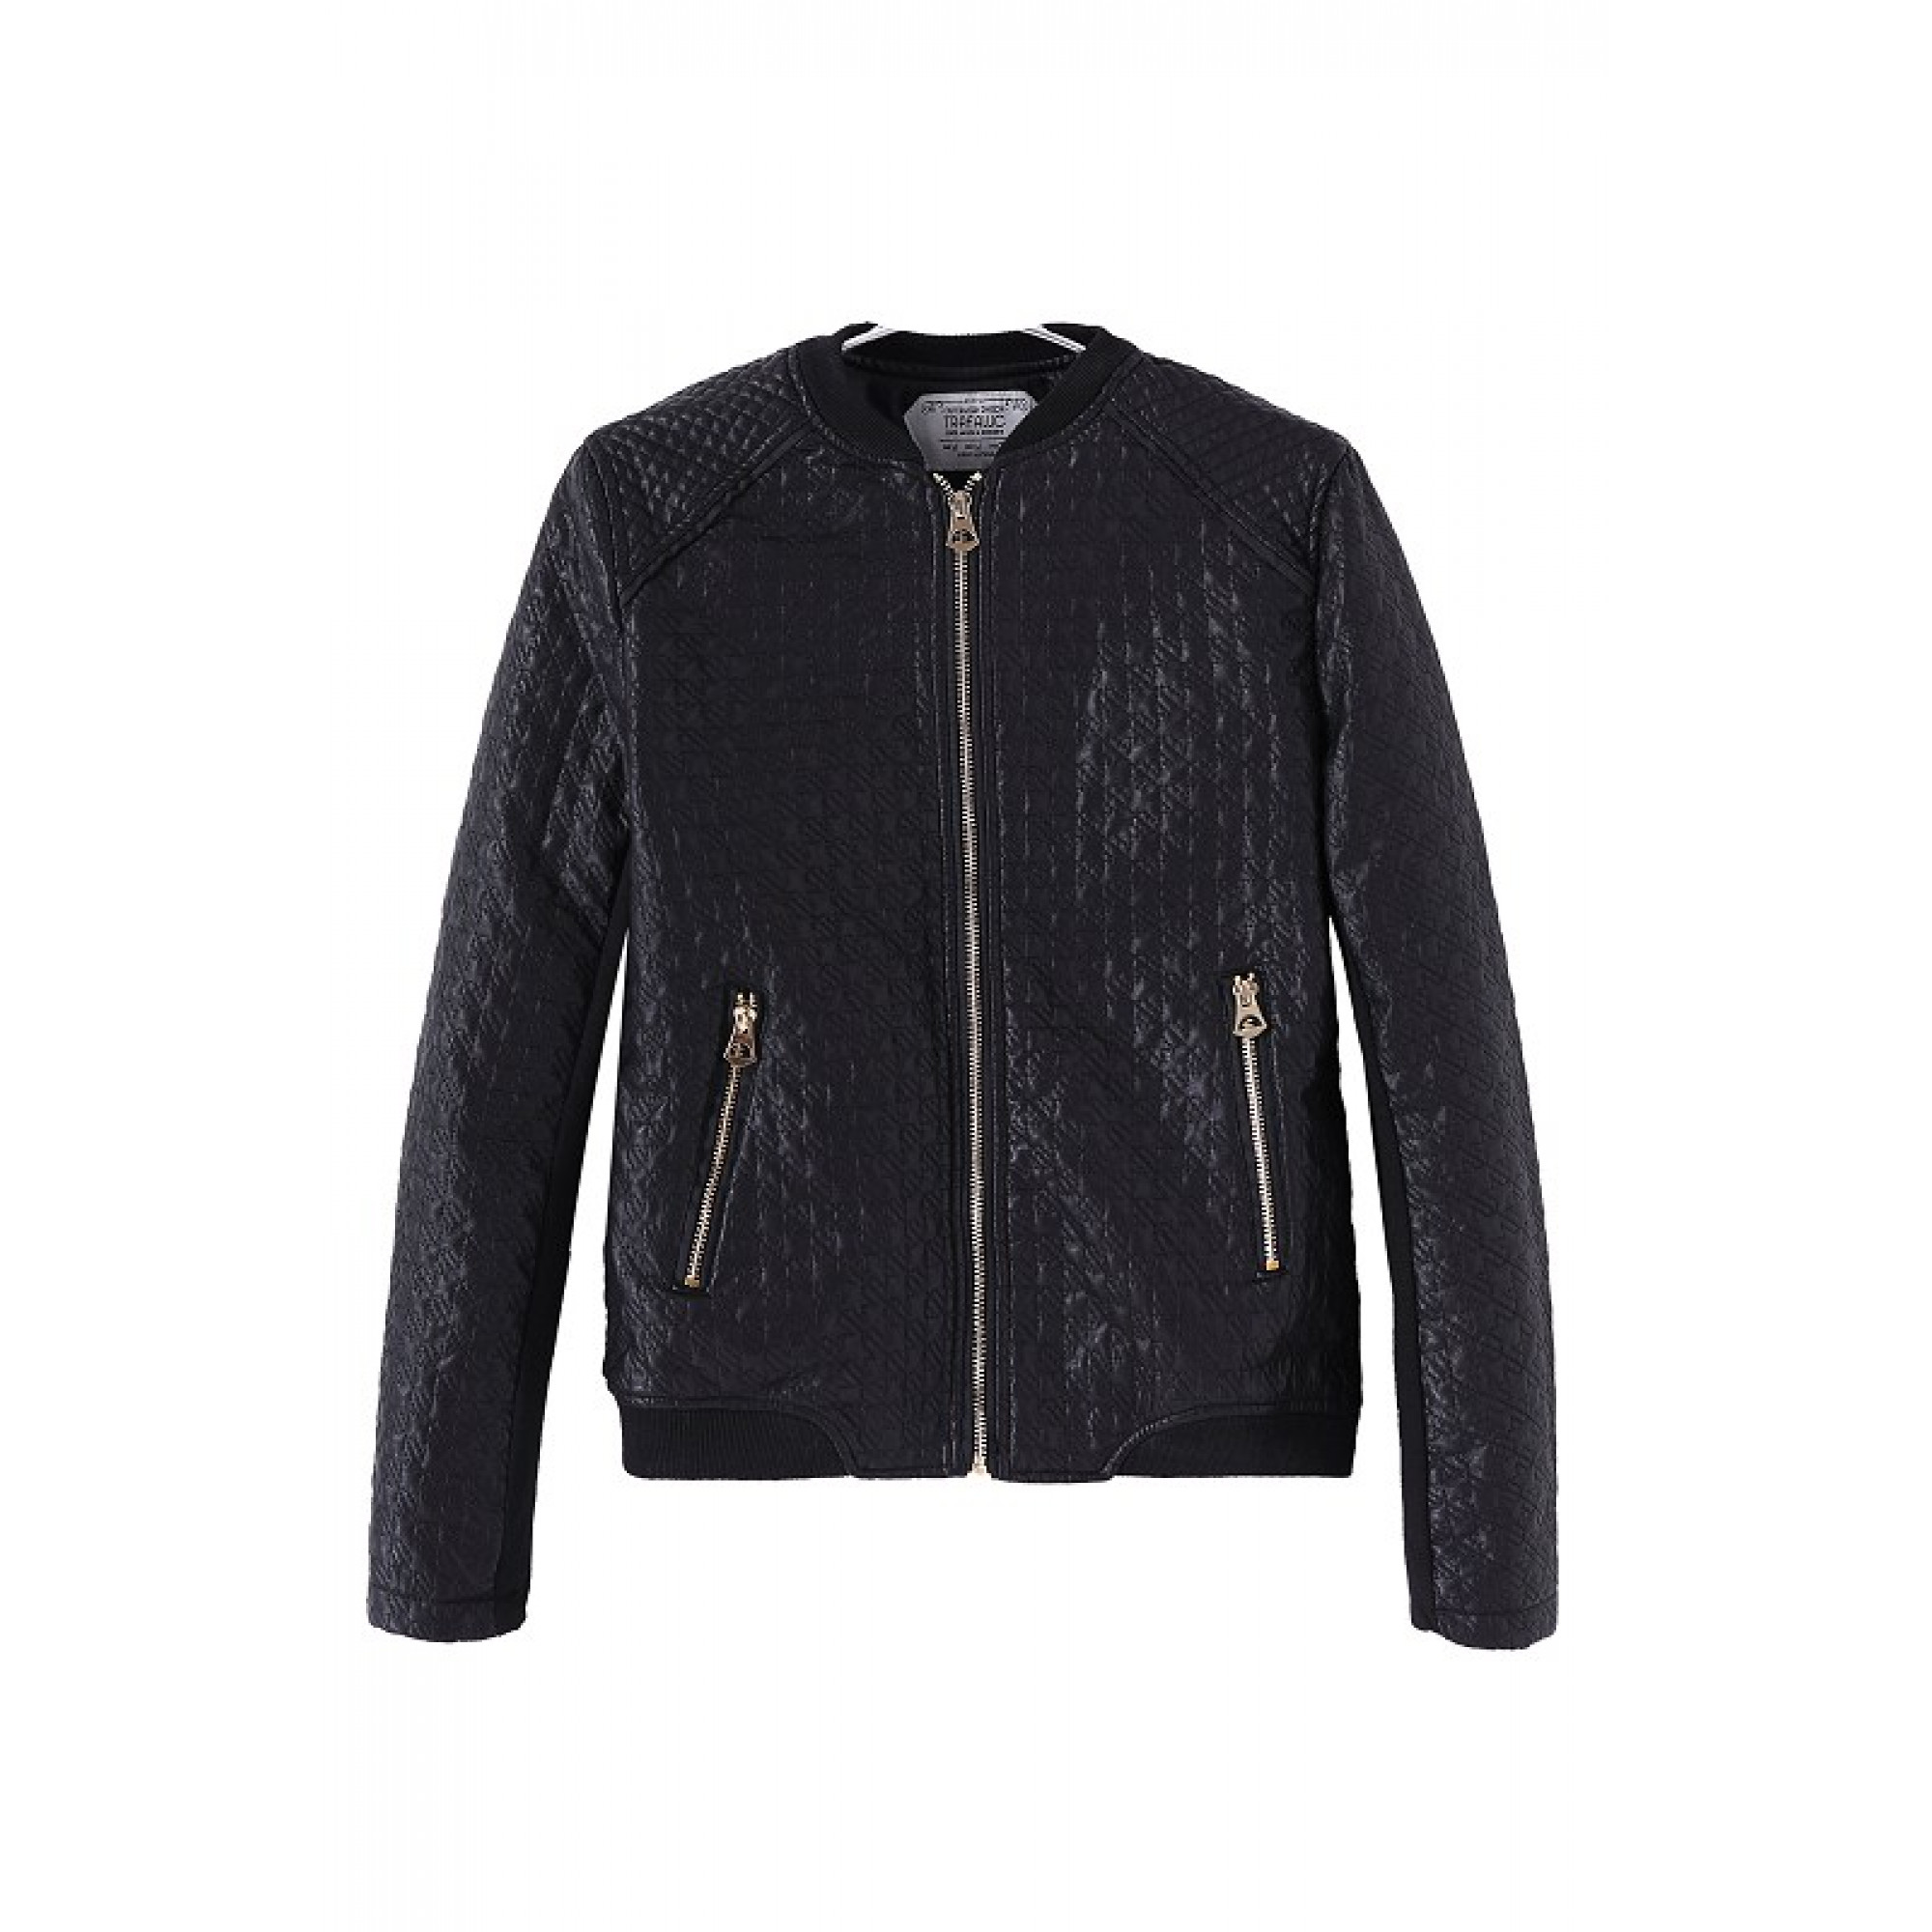 Купить женская куртка стеганая — в Киеве 5324dc2a9eac8